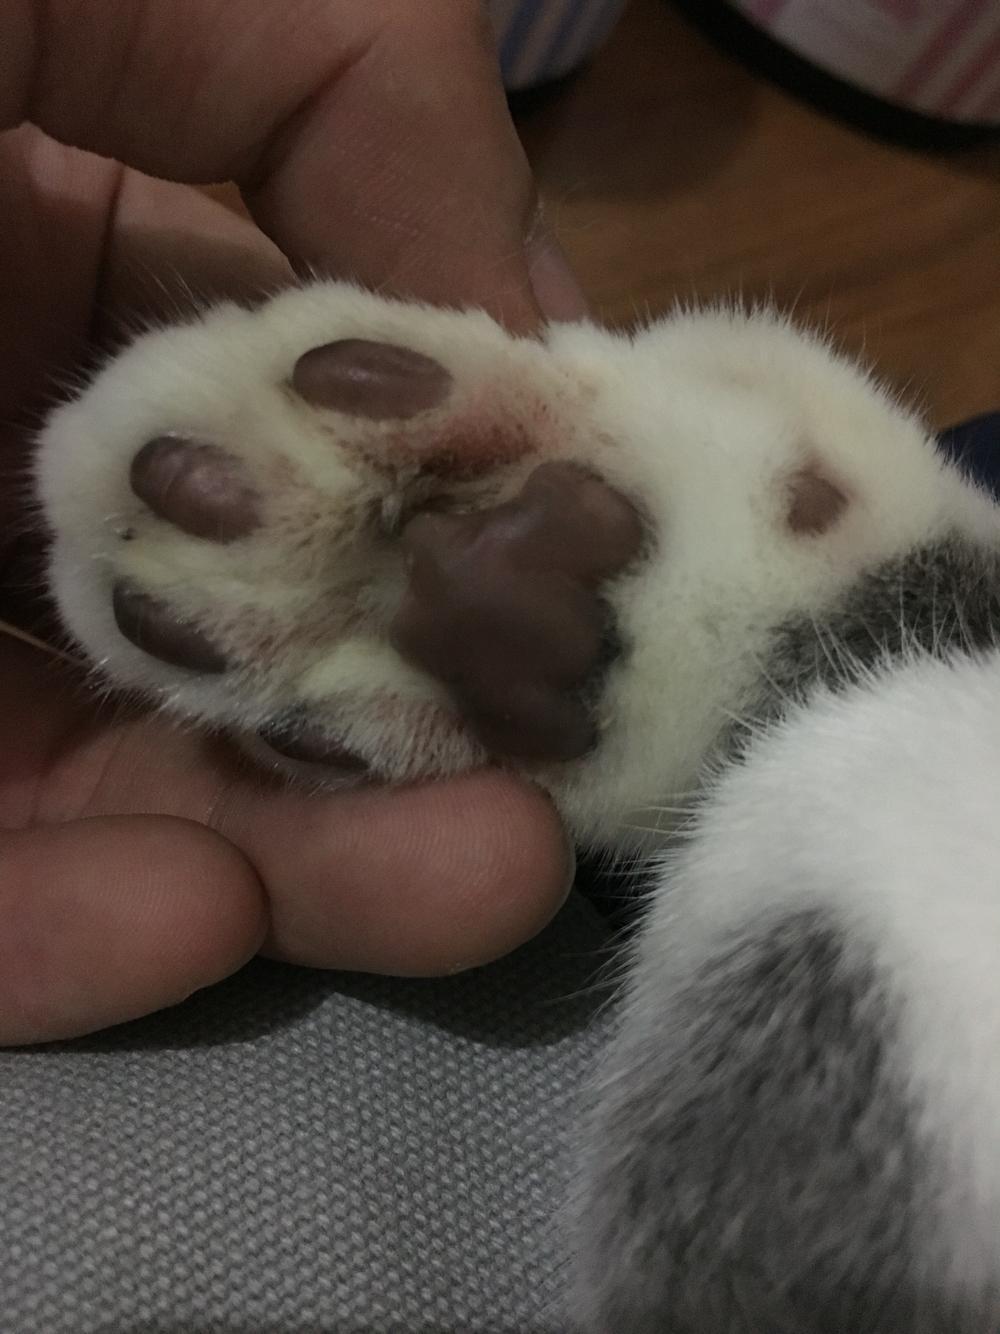 猫咪一直挠头啃脚